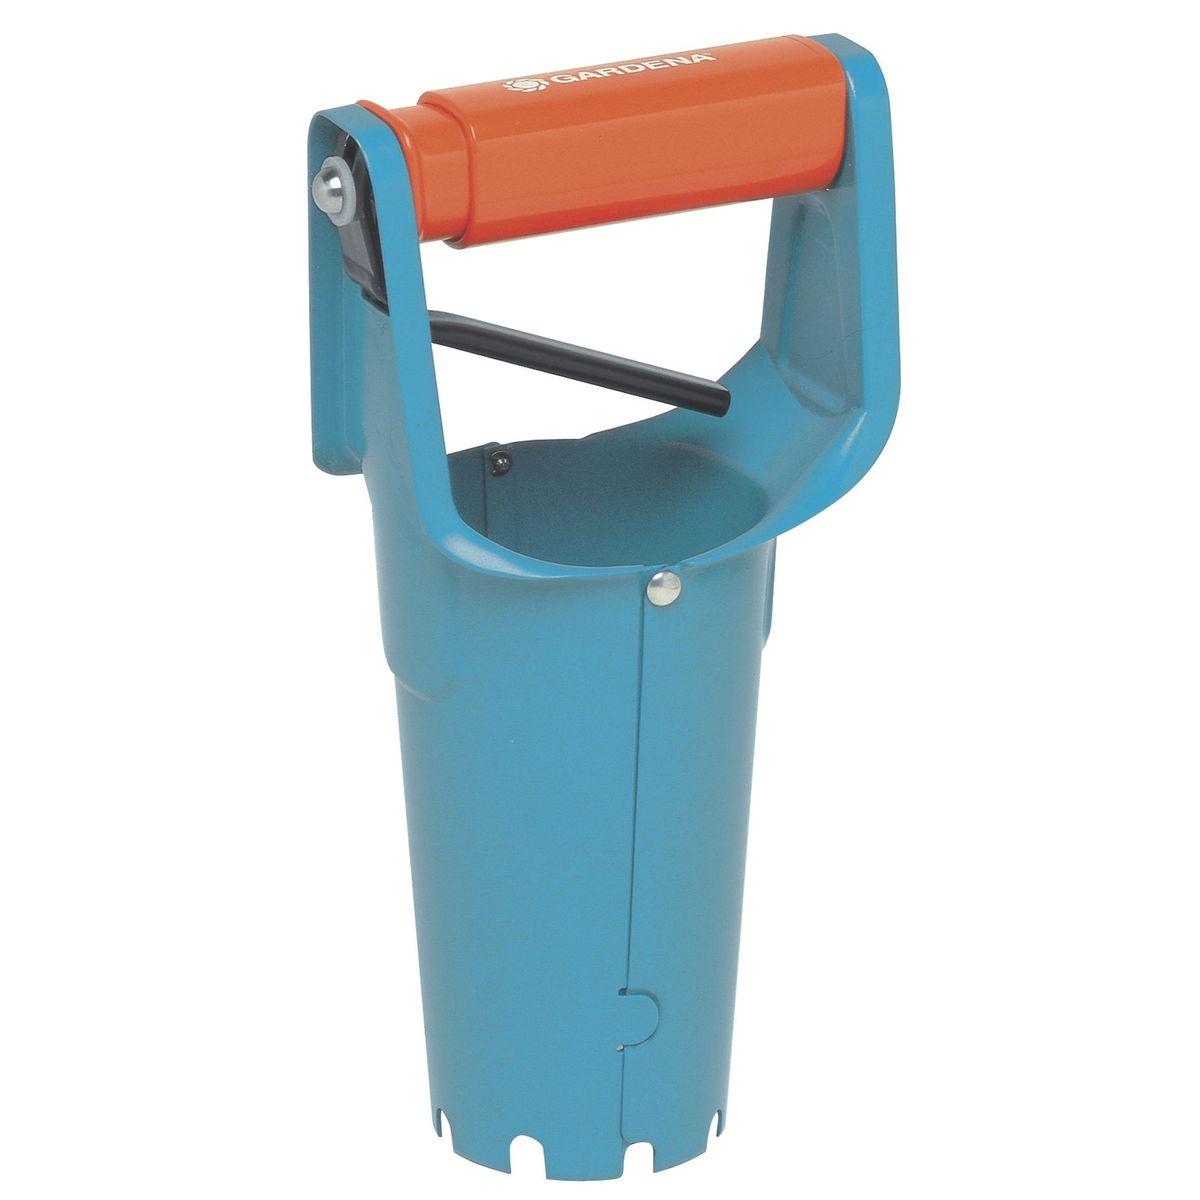 Сажалка для луковиц GardenaBH0119-RСажалка для луковиц Gardena изготовлена из высококачественной стали и предназначена для выкапывания лунки, точно по размеру луковицы. Сажалка удобна в применении благодаря устройству, позволяющему вынимать грунт и высыпать его обратно. Сажалка для луковиц имеет шкалу глубины посадки.